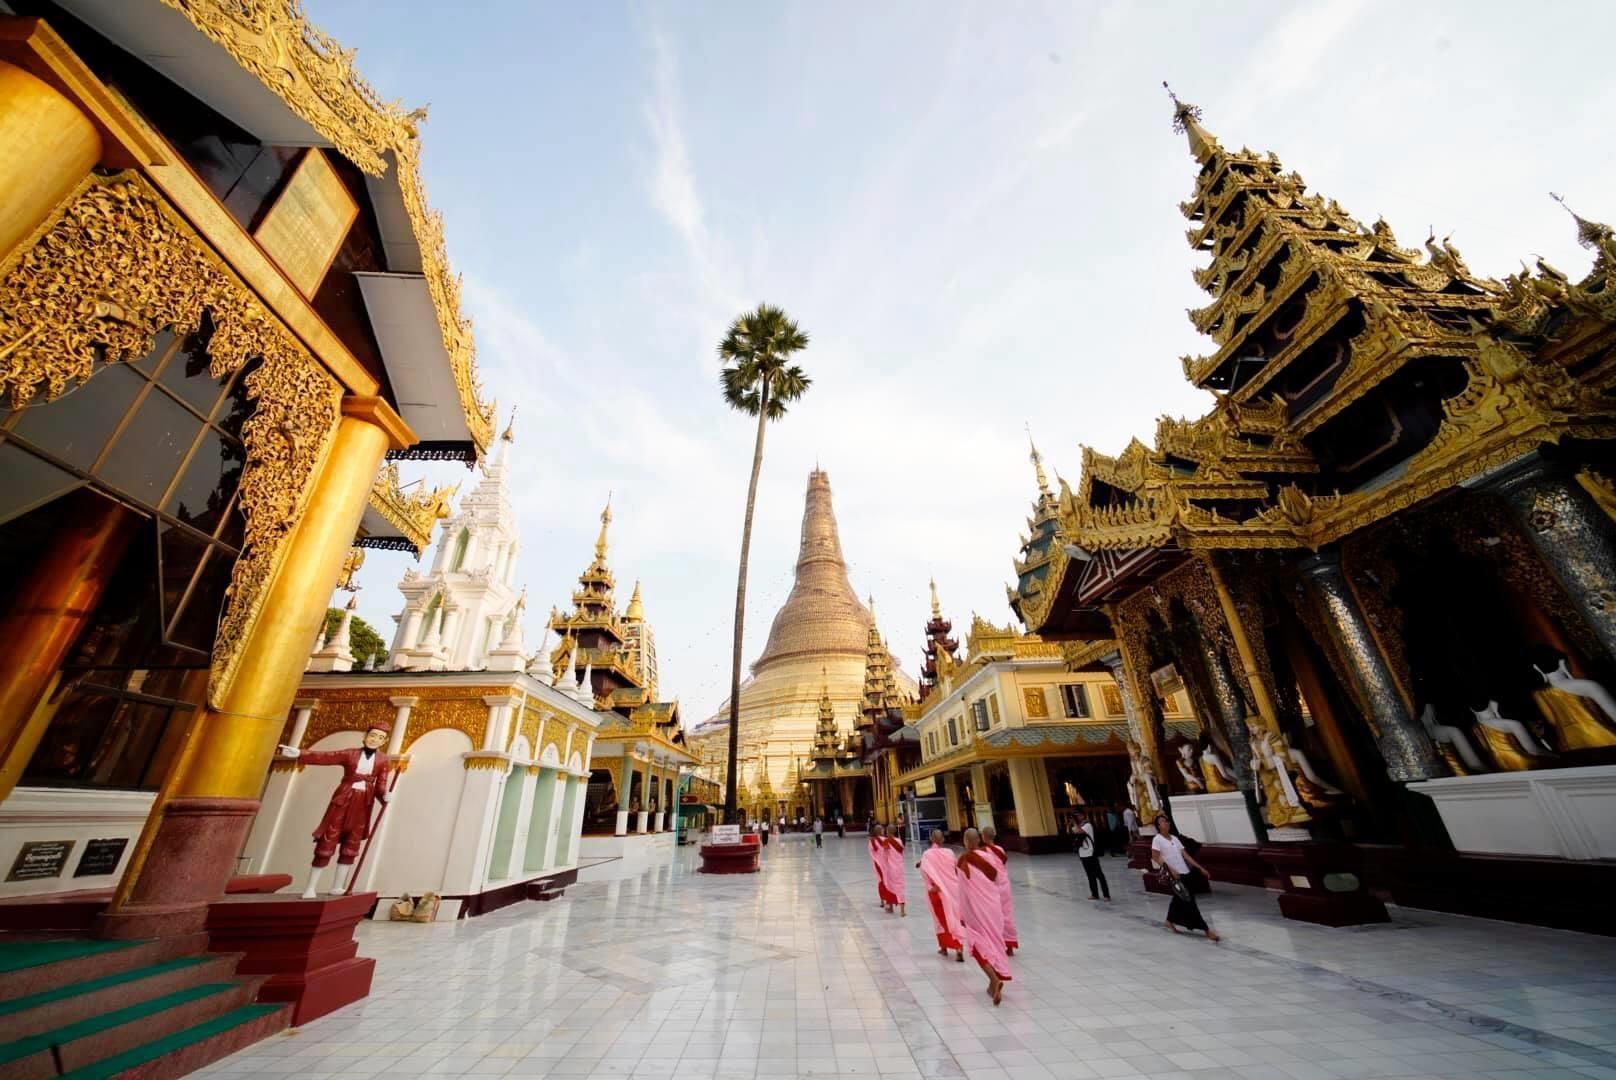 Lac buoc o Myanmar - vung dat don tim du khach hinh anh 6